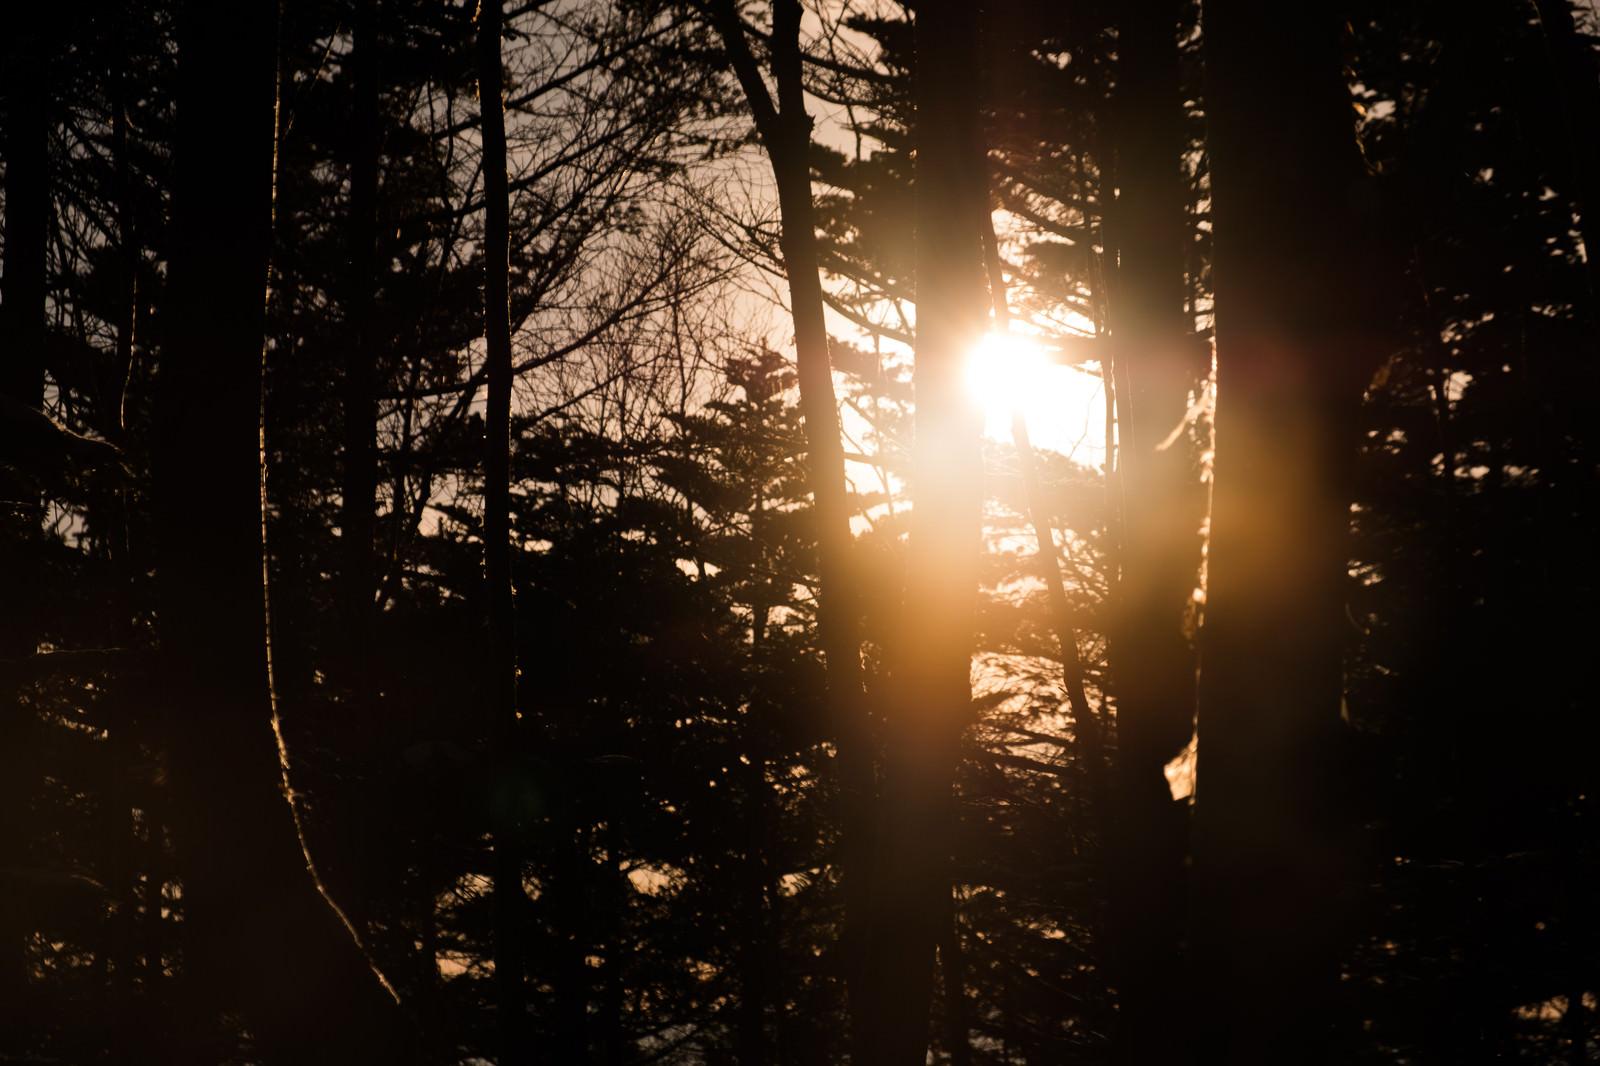 「哀愁漂う冬山の夕暮れ哀愁漂う冬山の夕暮れ」のフリー写真素材を拡大